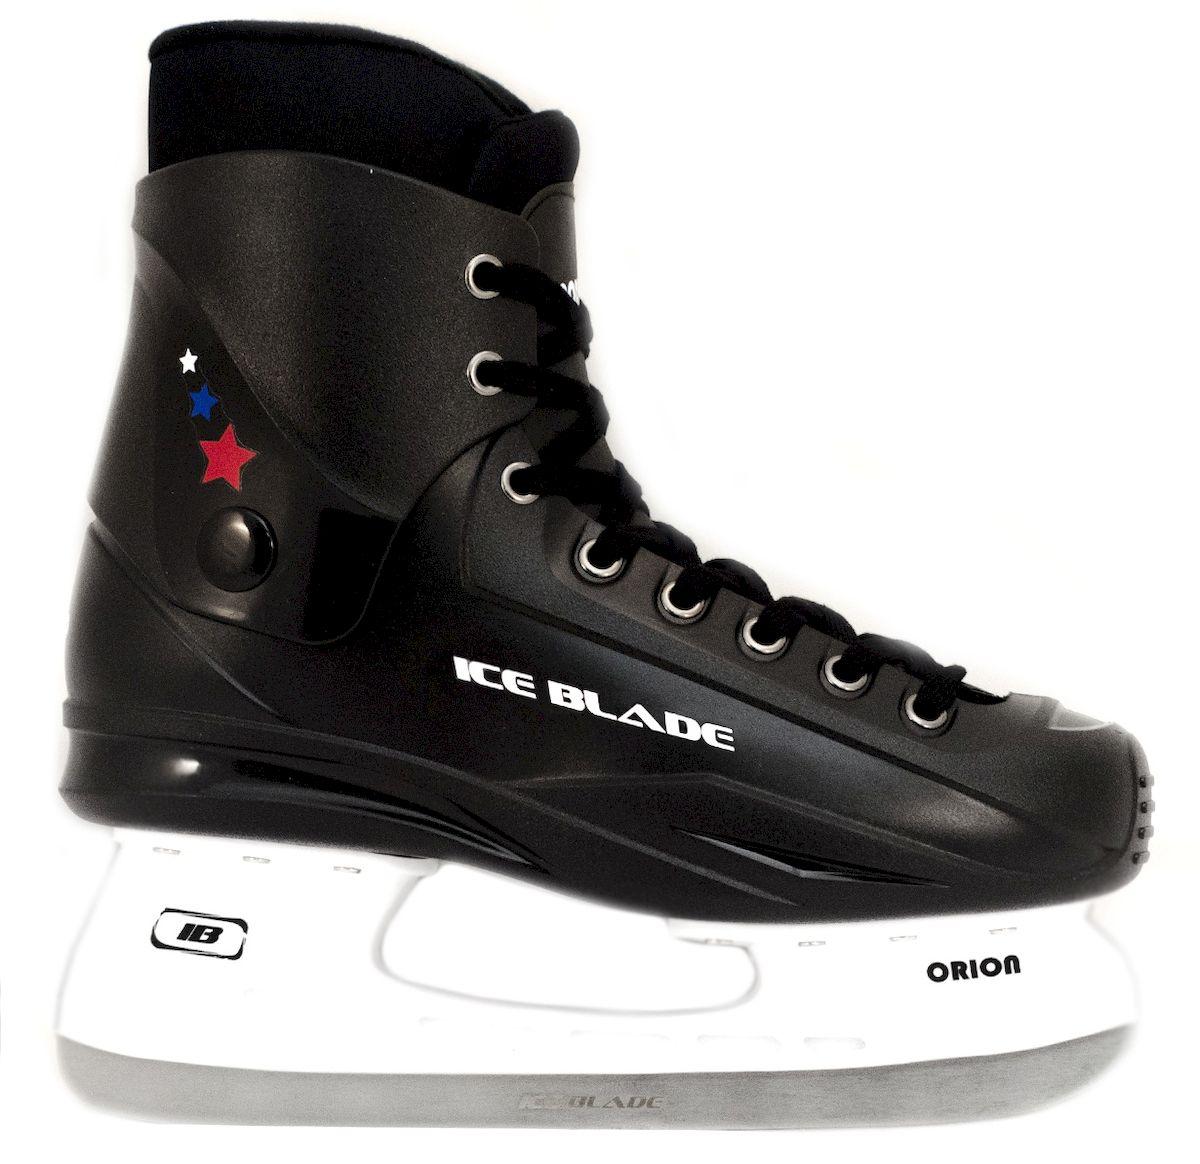 Коньки хоккейные Ice Blade Orion, цвет: черный. УТ-00004984. Размер 38УТ-00004984Коньки хоккейные Ice Blade Orion - это хоккейные коньки для любых возрастов. Конструкция прекрасно защищает стопу, очень комфортна для активного катания, а также позволяет играть в хоккей. Легкий ботинок очень комфортный как для простого катания на льду, так и для любительского хоккея. Ботинок выполнен из высококачественного морозостойкого пластика и нейлоновой сетки. Внутренний сапожок утеплен мягким и дышащим вельветом, а язычок усилен специальной вставкой для большей безопасности стопы. Лезвие изготовлено из высокоуглеродистой стали, что гарантирует прочность и долговечность.Удобная система фиксации ноги и улучшенная колодка сделают катание комфортным и безопасным.